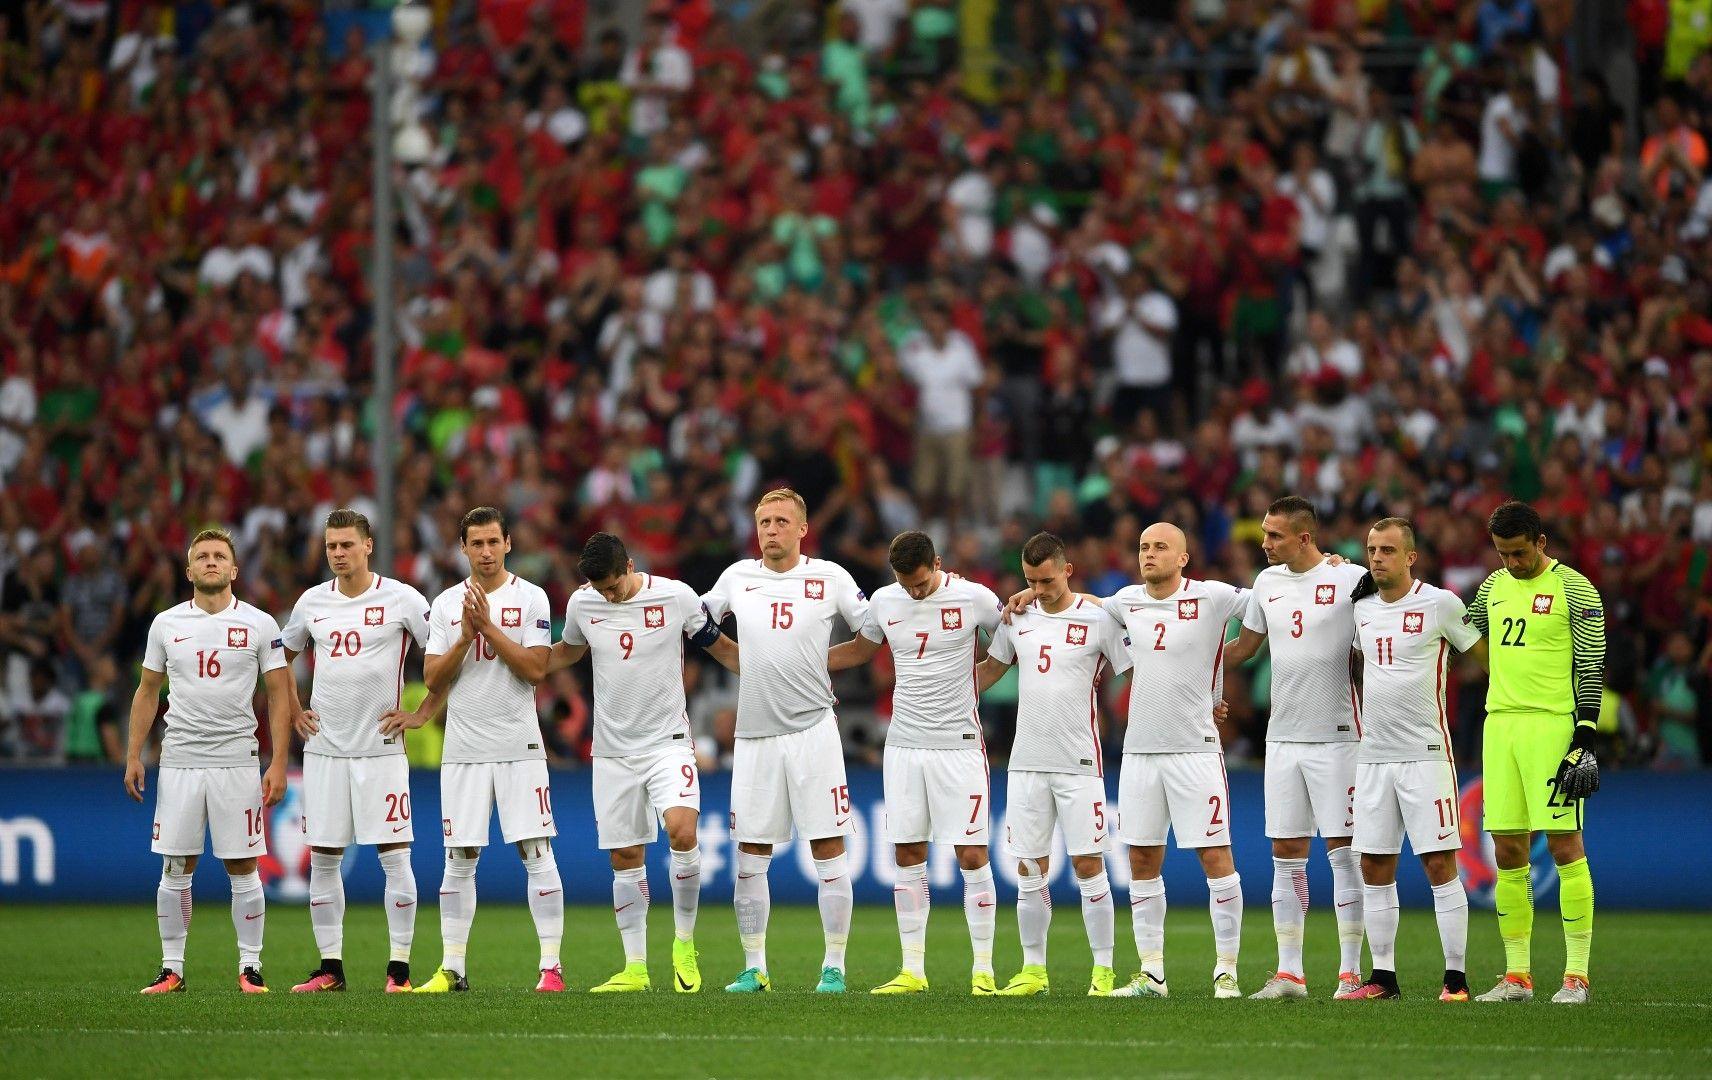 По време на дузпите срещу Португалия на Евро 2016